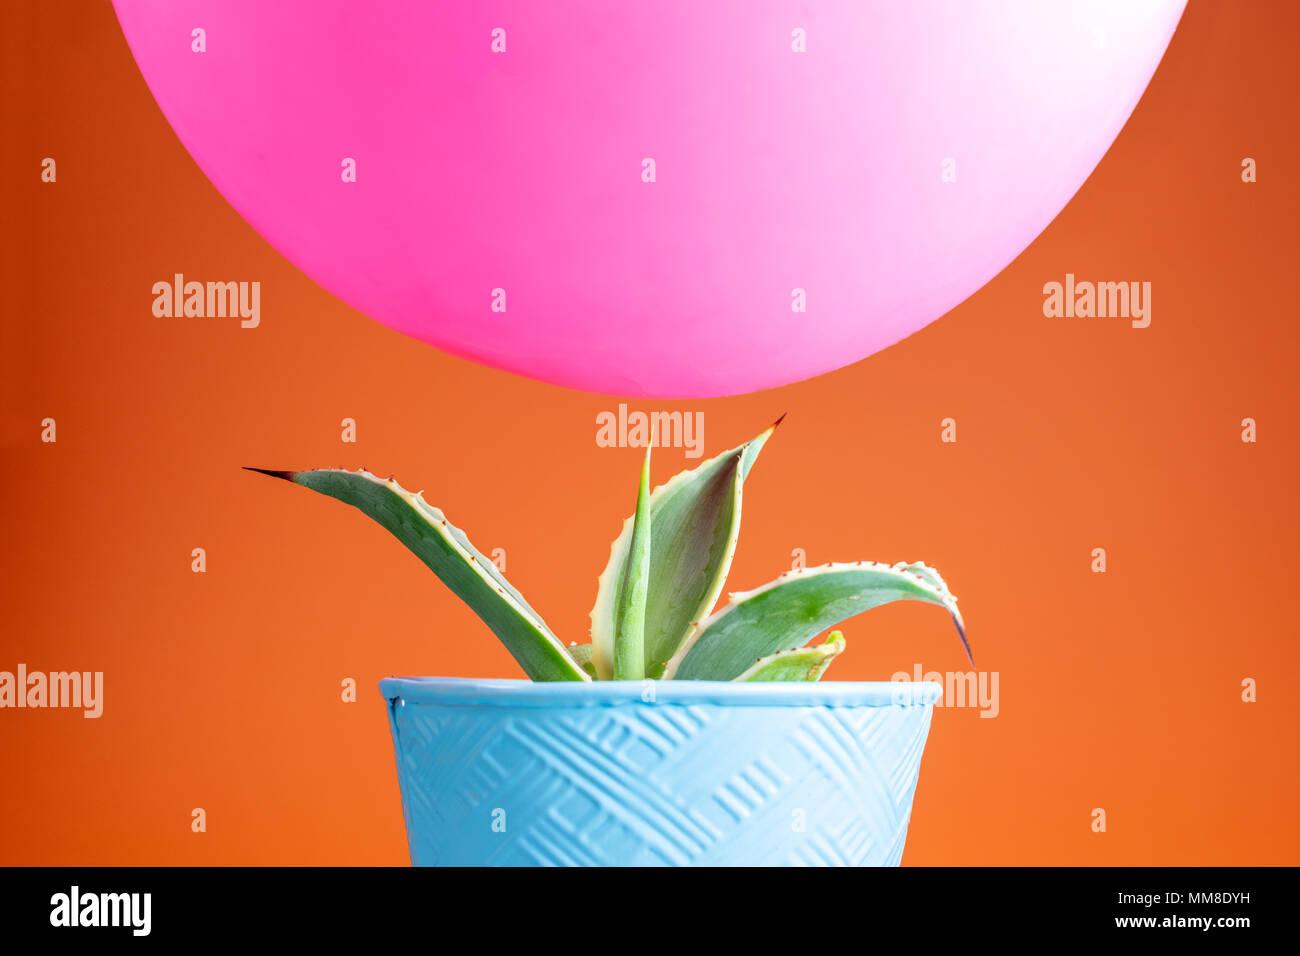 Rosa di bilanciamento del palloncino precariamente al di sopra di una punta acuminata cactus con un luminoso sfondo arancione Immagini Stock